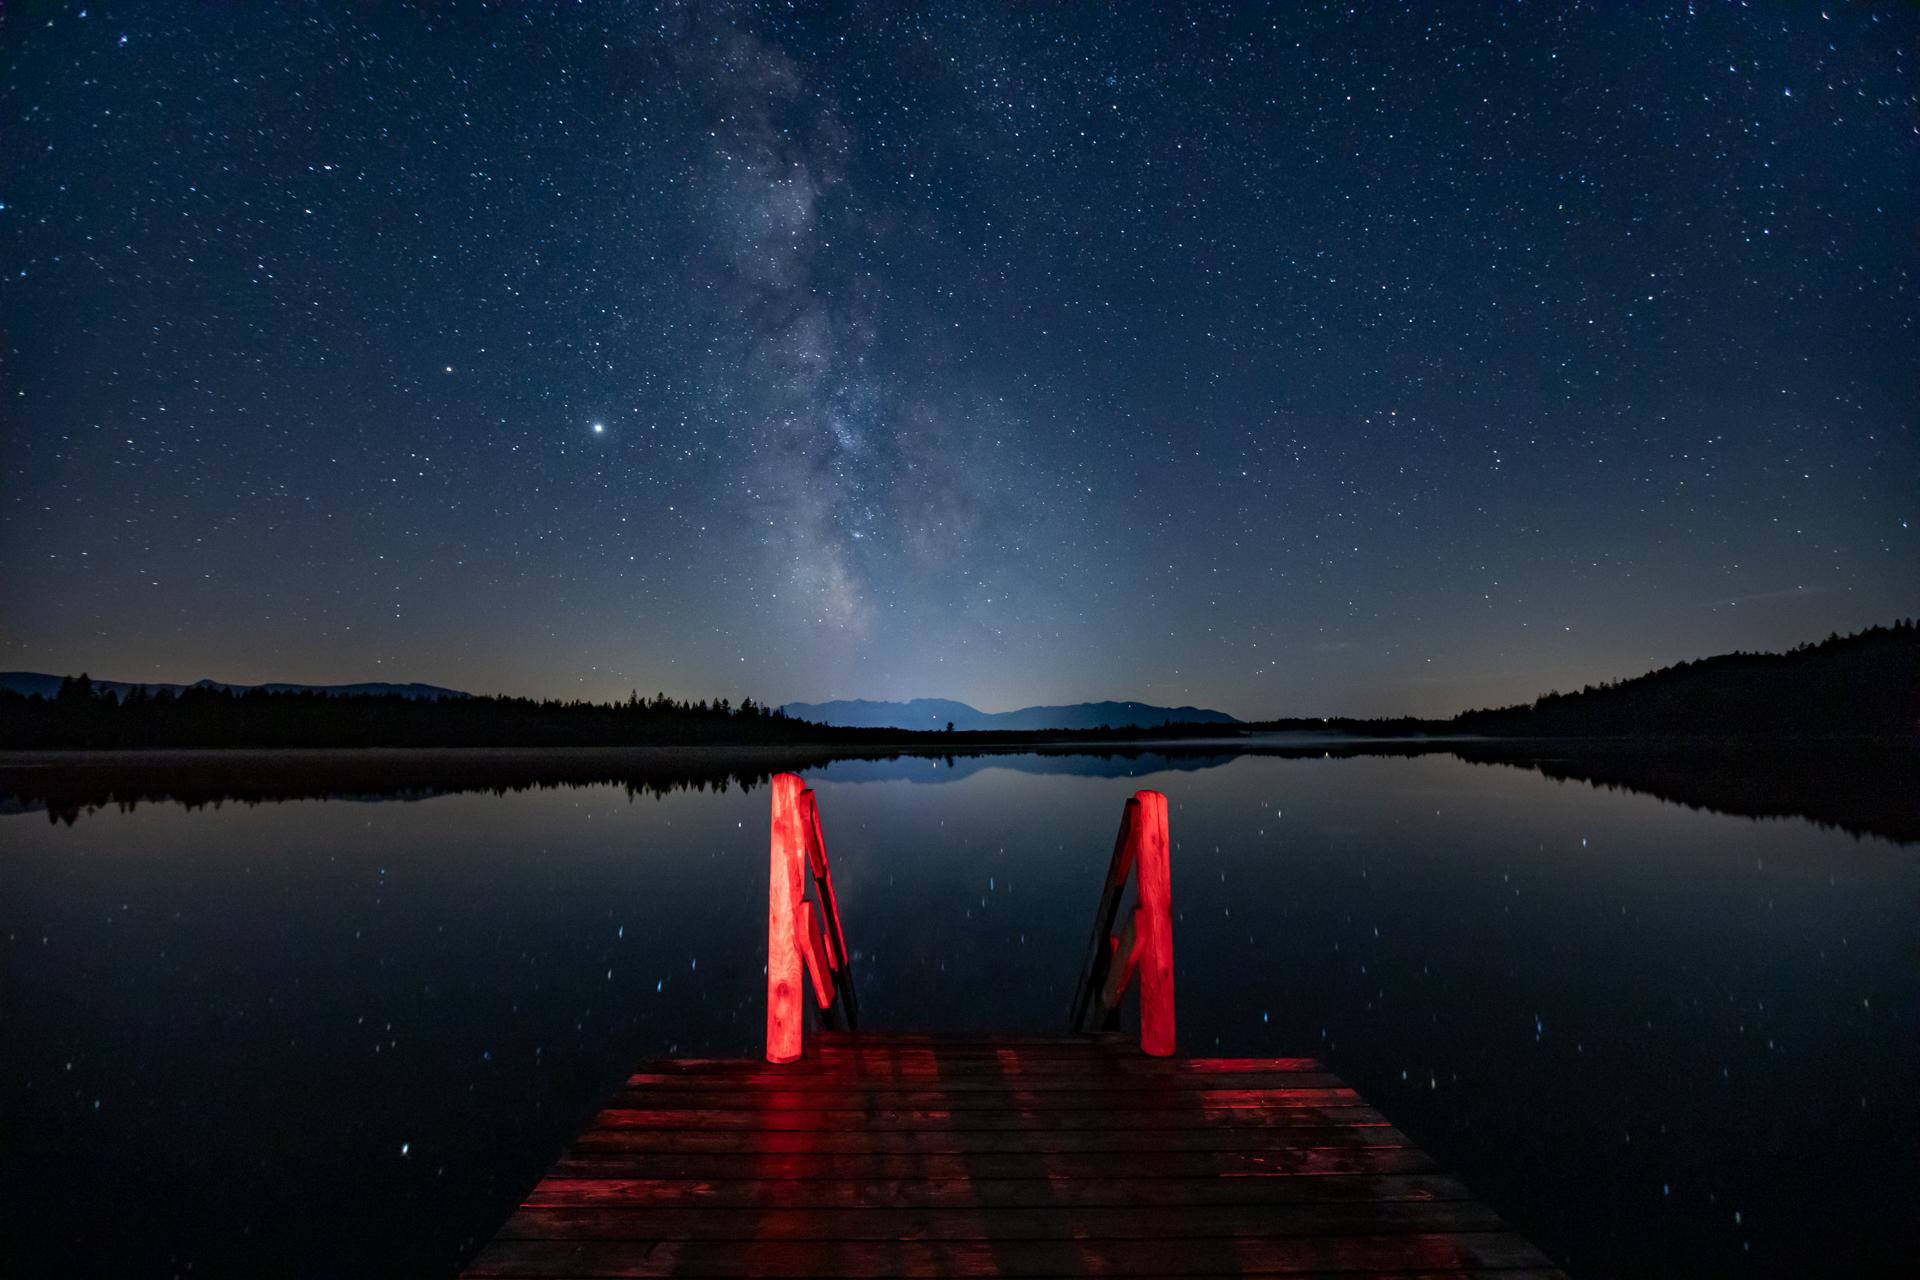 Astro-Fotografie, Peter Schreyer